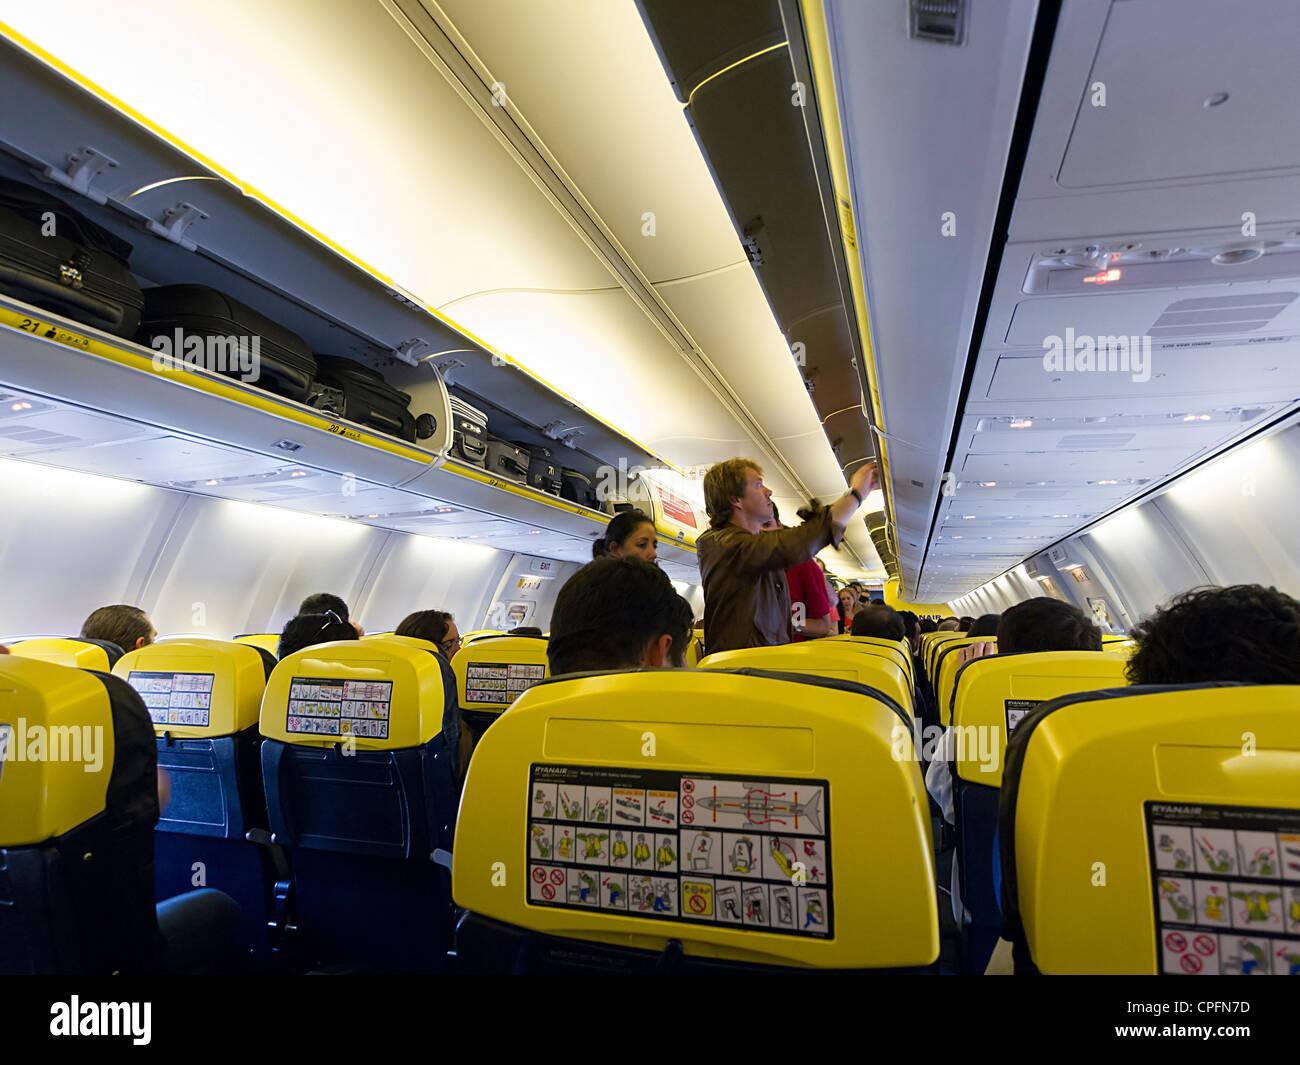 Ryanair airplane interior - Stock Image